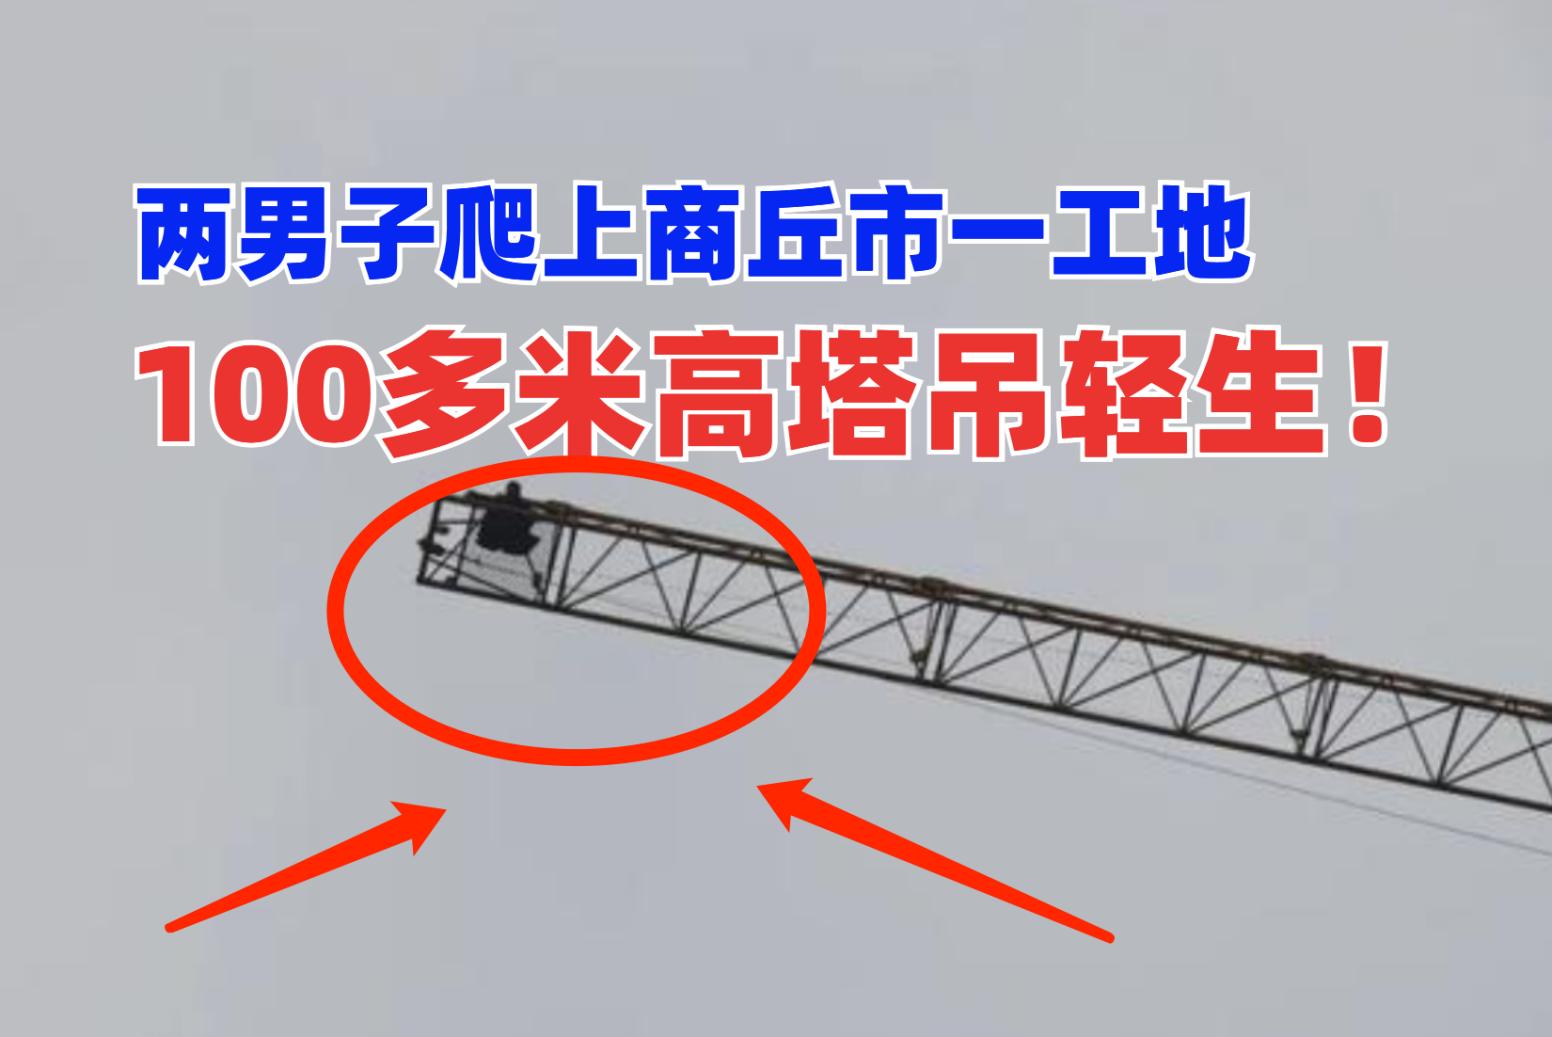 危!两男子抱团爬上商丘市一在建工地100多米高的塔吊欲自杀轻生!